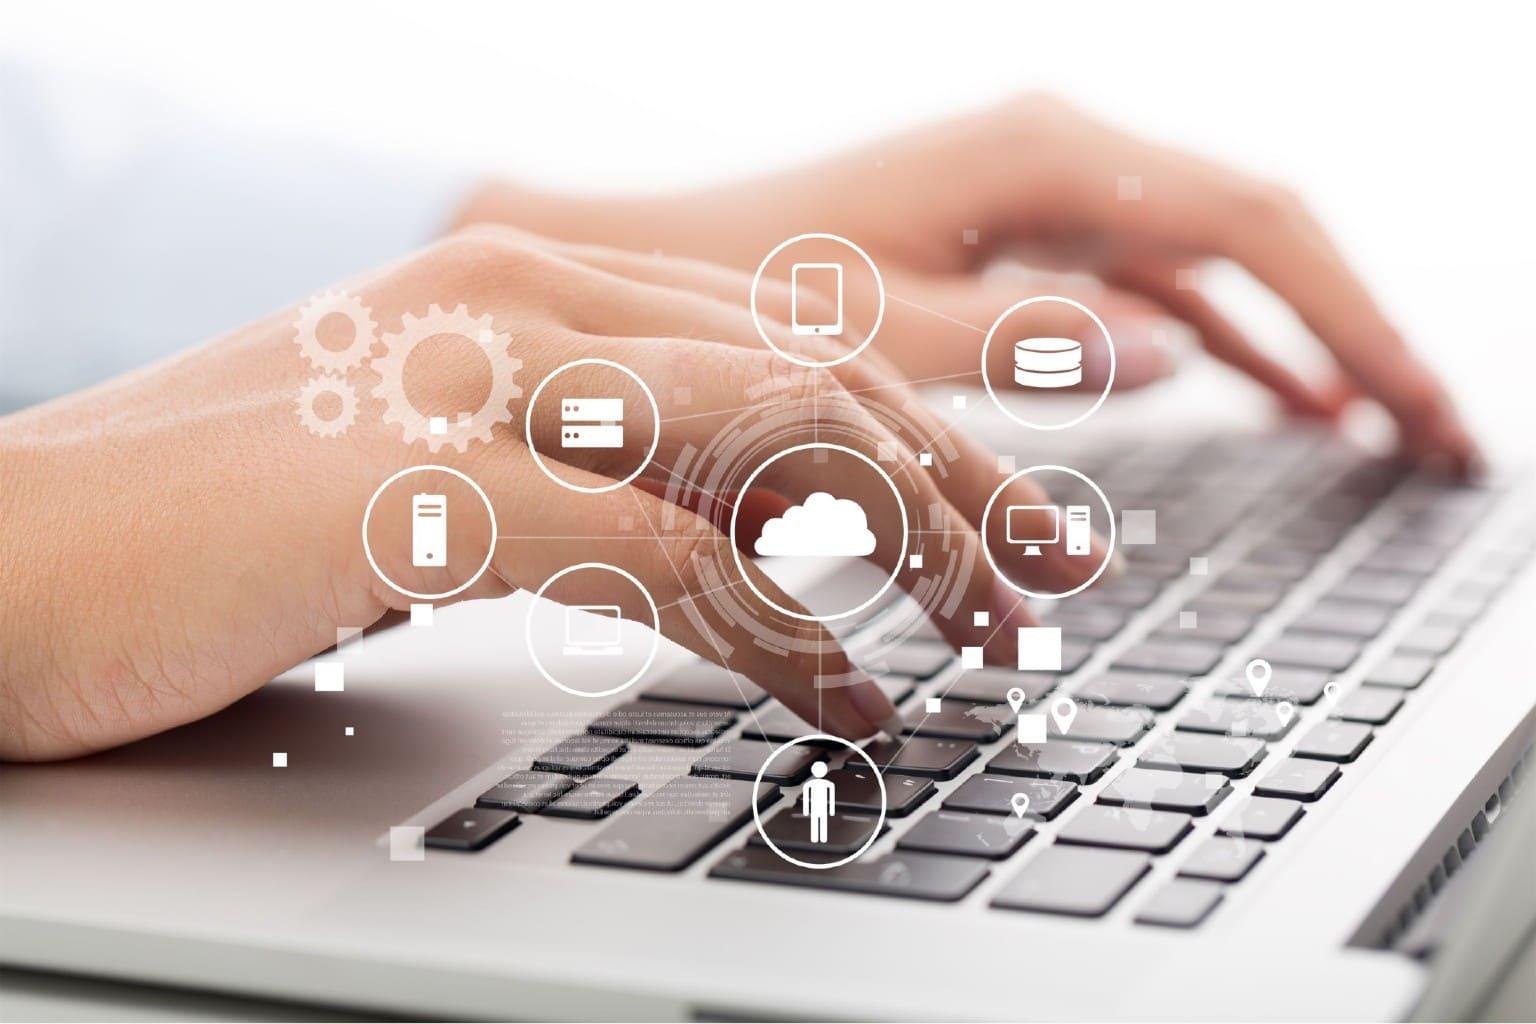 handen bewerken gegevens op toetsenbord